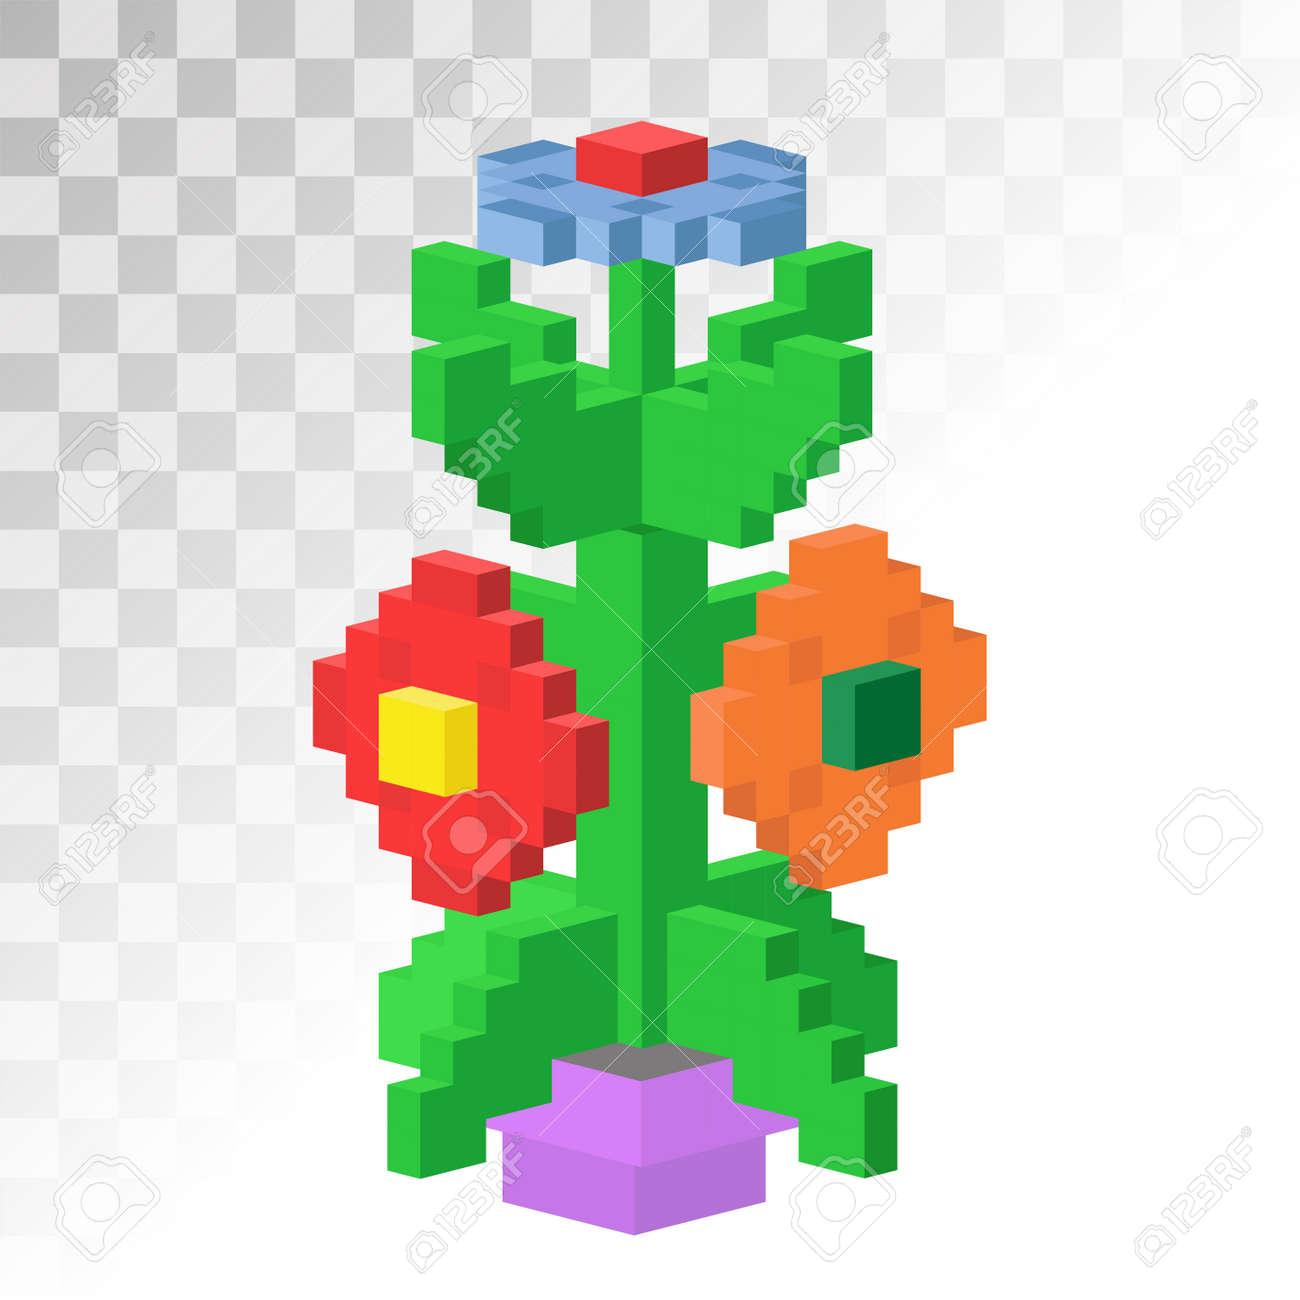 3d Isométrique Fleur Vew Pixel Stable Art Vecteur Icône Briques De Fleurs Construction De Fleurs Art De Jeu Fleur Carré Jardin Isolé Sur Grille